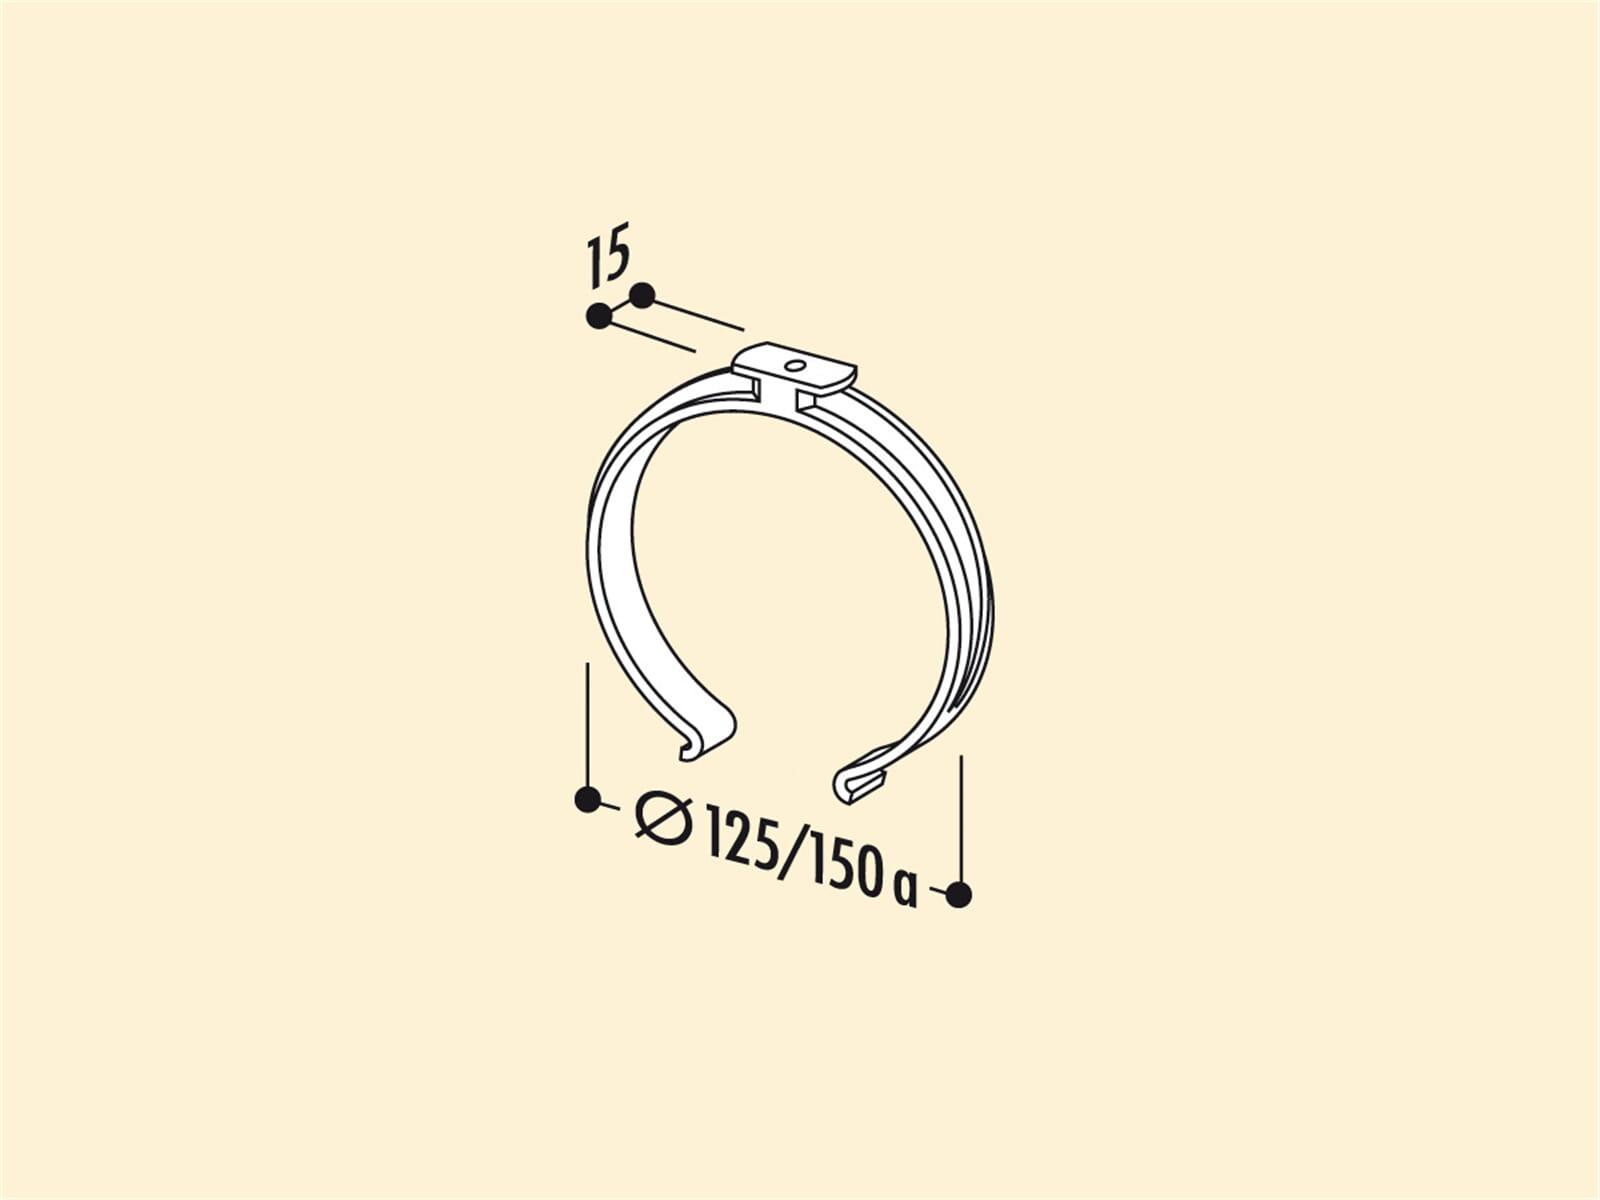 Compair 405.2.110 R-SKLEMM Rundkanalhalterung